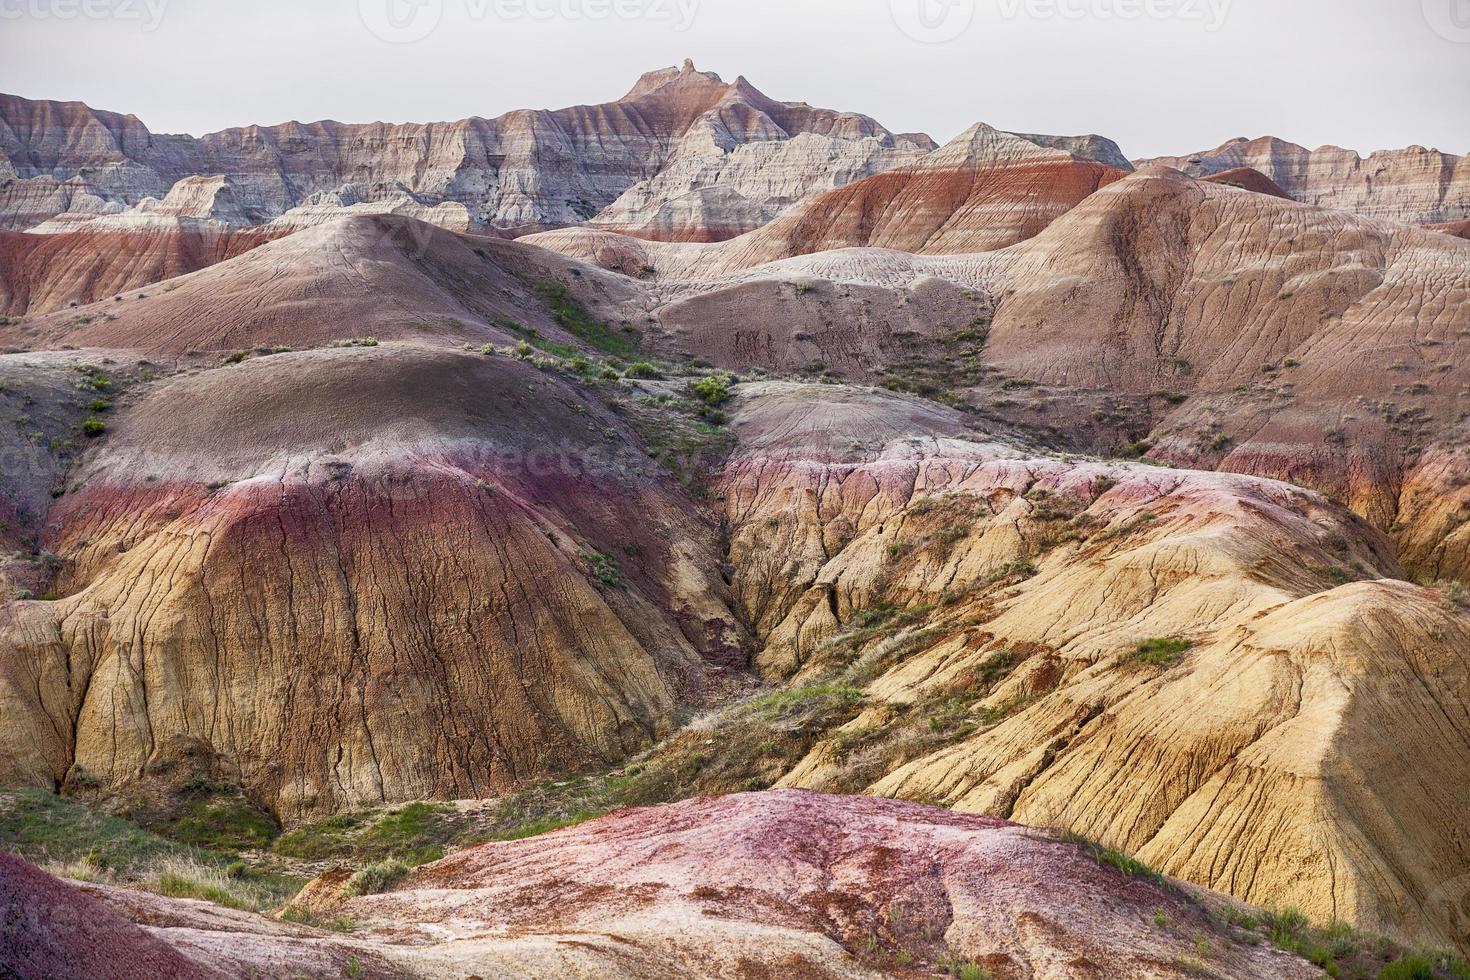 colores del paisaje en el parque nacional badlands foto